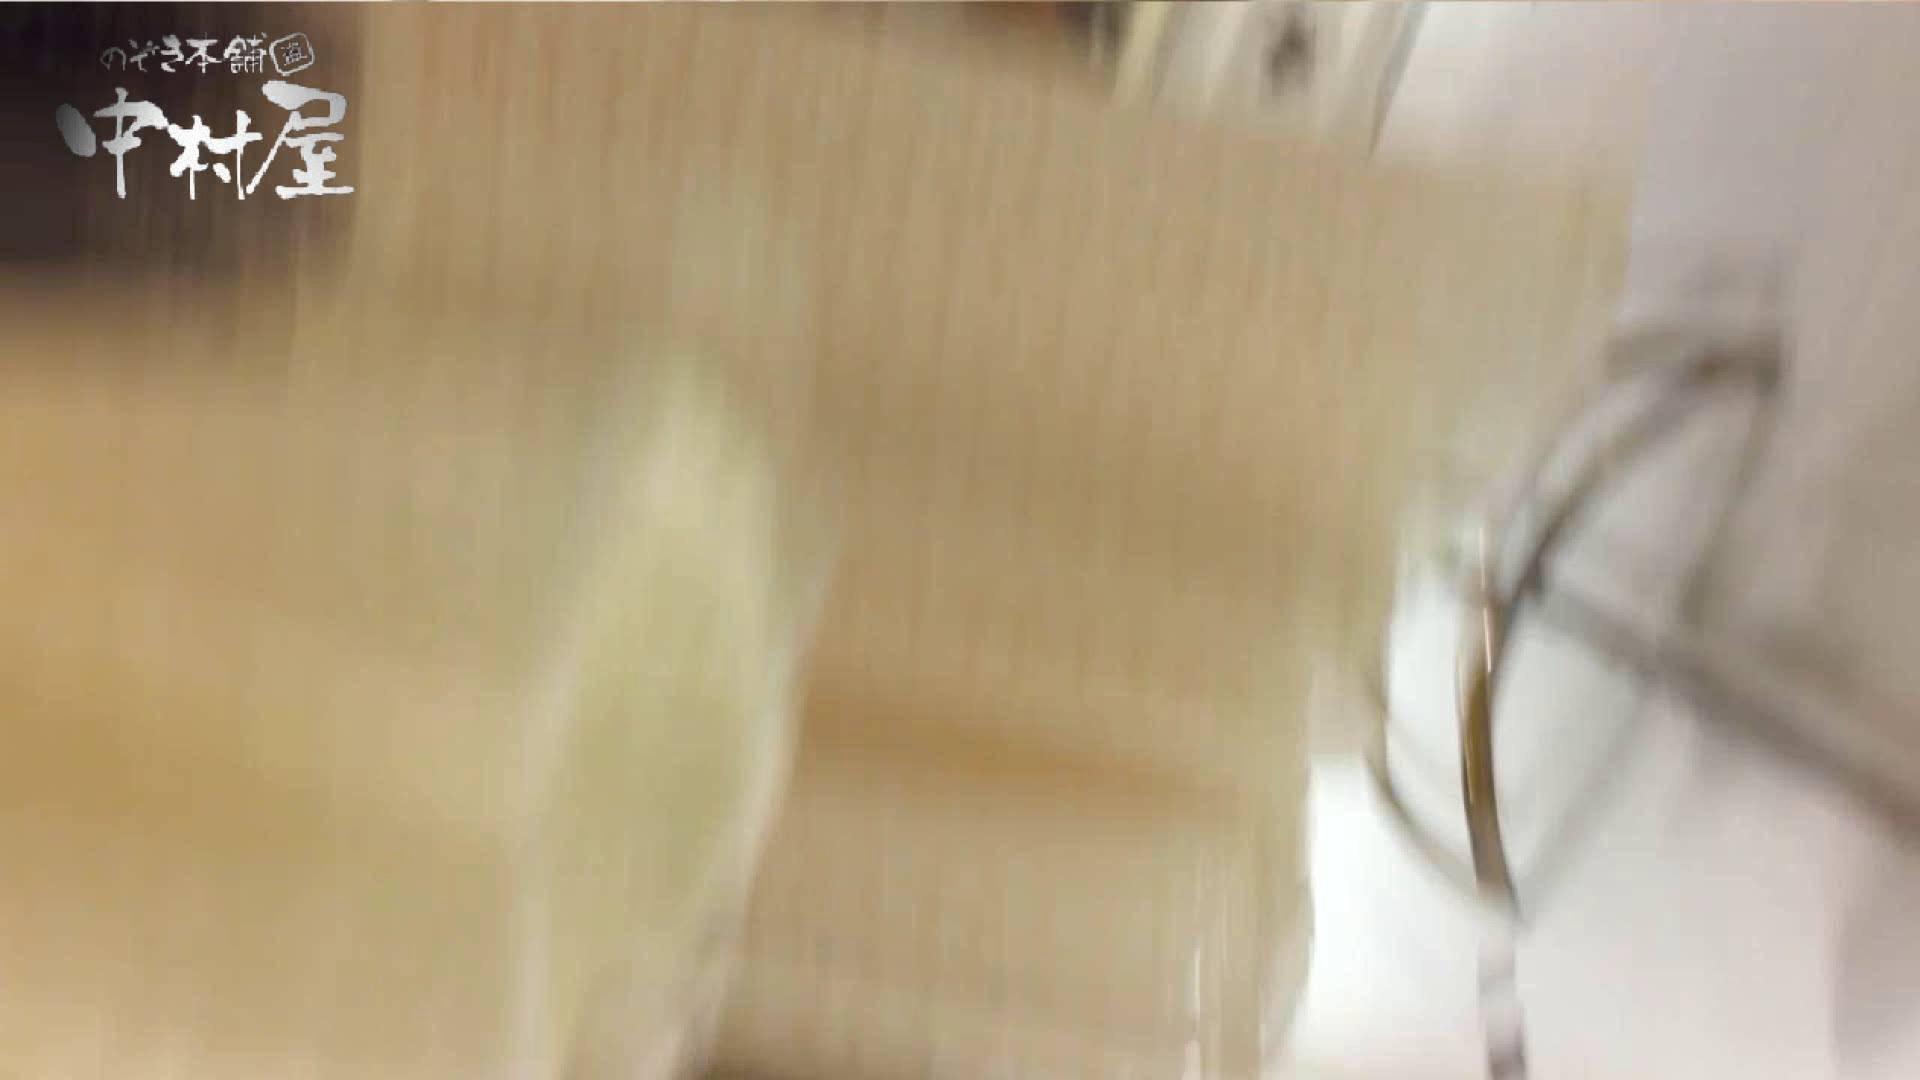 vol.66 美人アパレル胸チラ&パンチラ 店員さんのパンツはストライプ チラ | OLエロ画像  87PICs 51